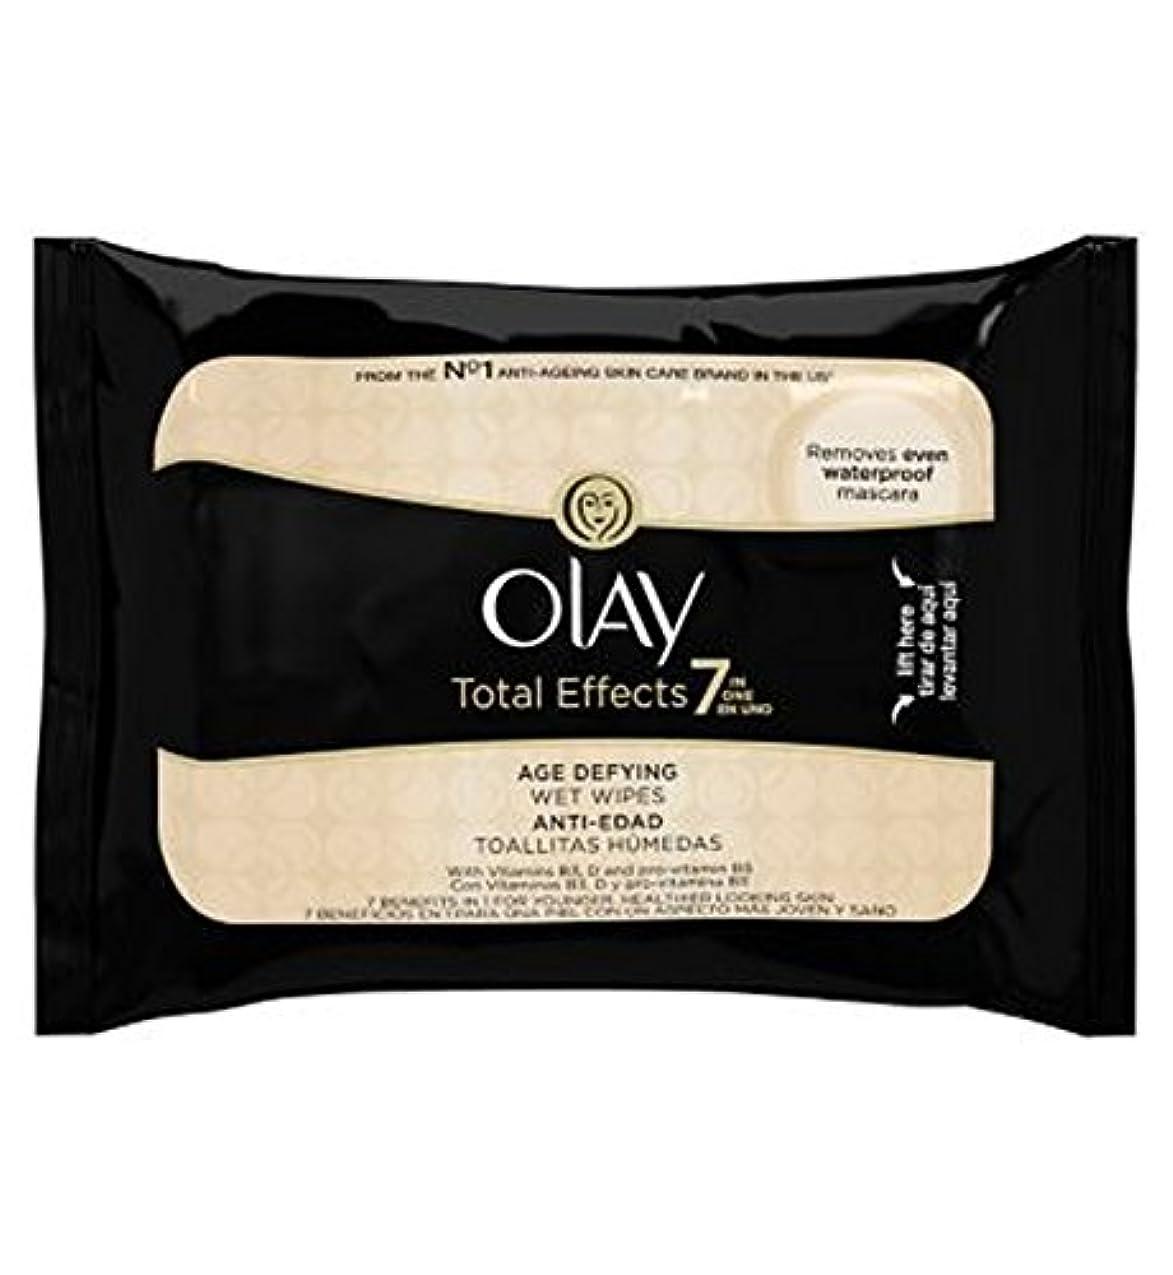 ホバーアドバイス逆Olay Total Effects 7in1 Age-Defying Wet Wipes 20s - オーレイトータルエフェクト?7In1のウェットティッシュの20代の年齢に挑みます (Olay) [並行輸入品]